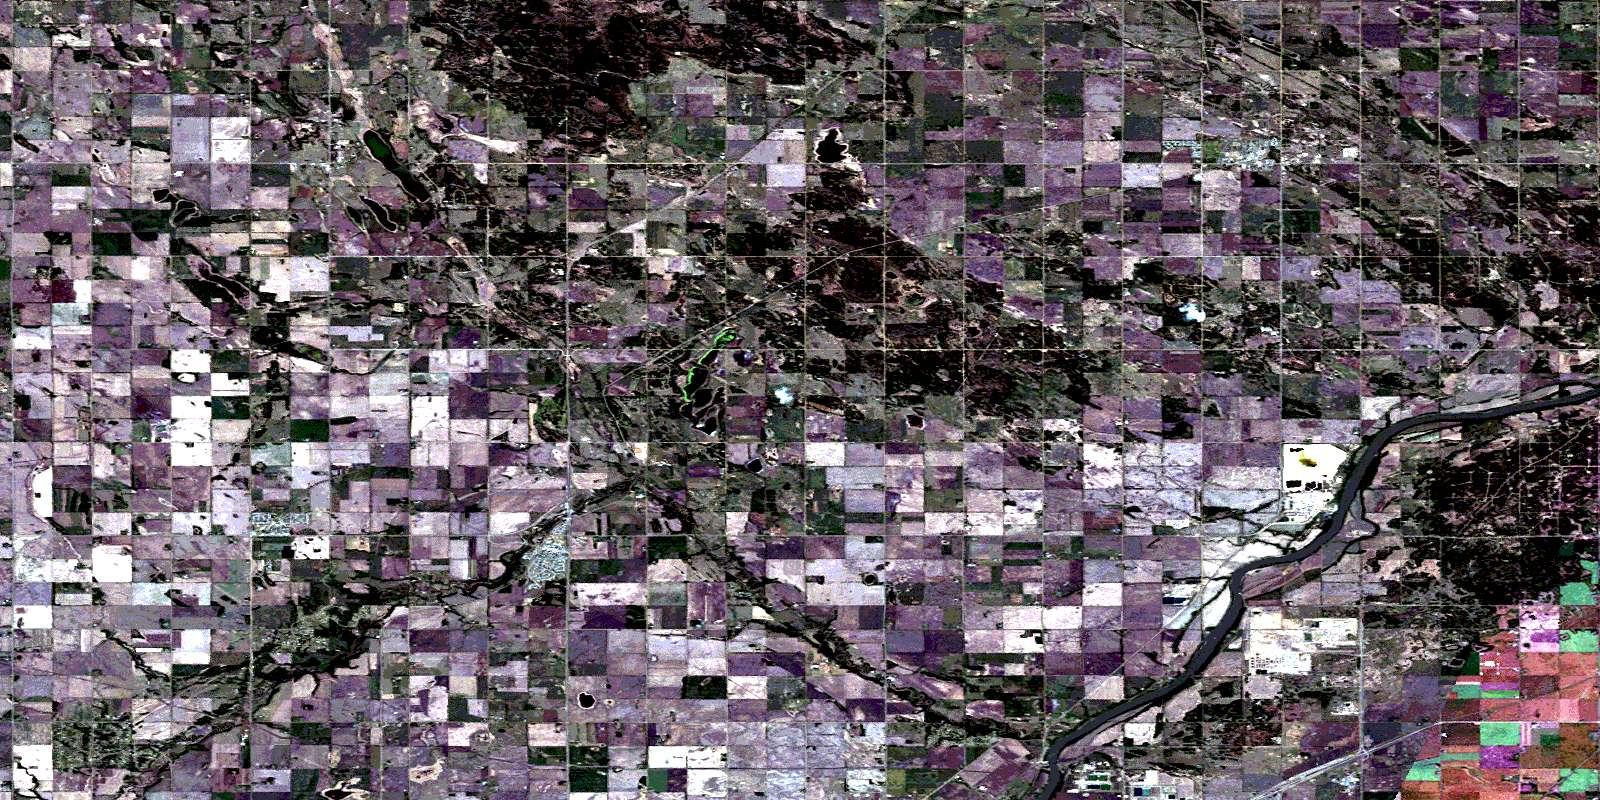 Map Of Redwater Alberta Redwater AB Free Satellite Image Map   083H14 at 1:50,000